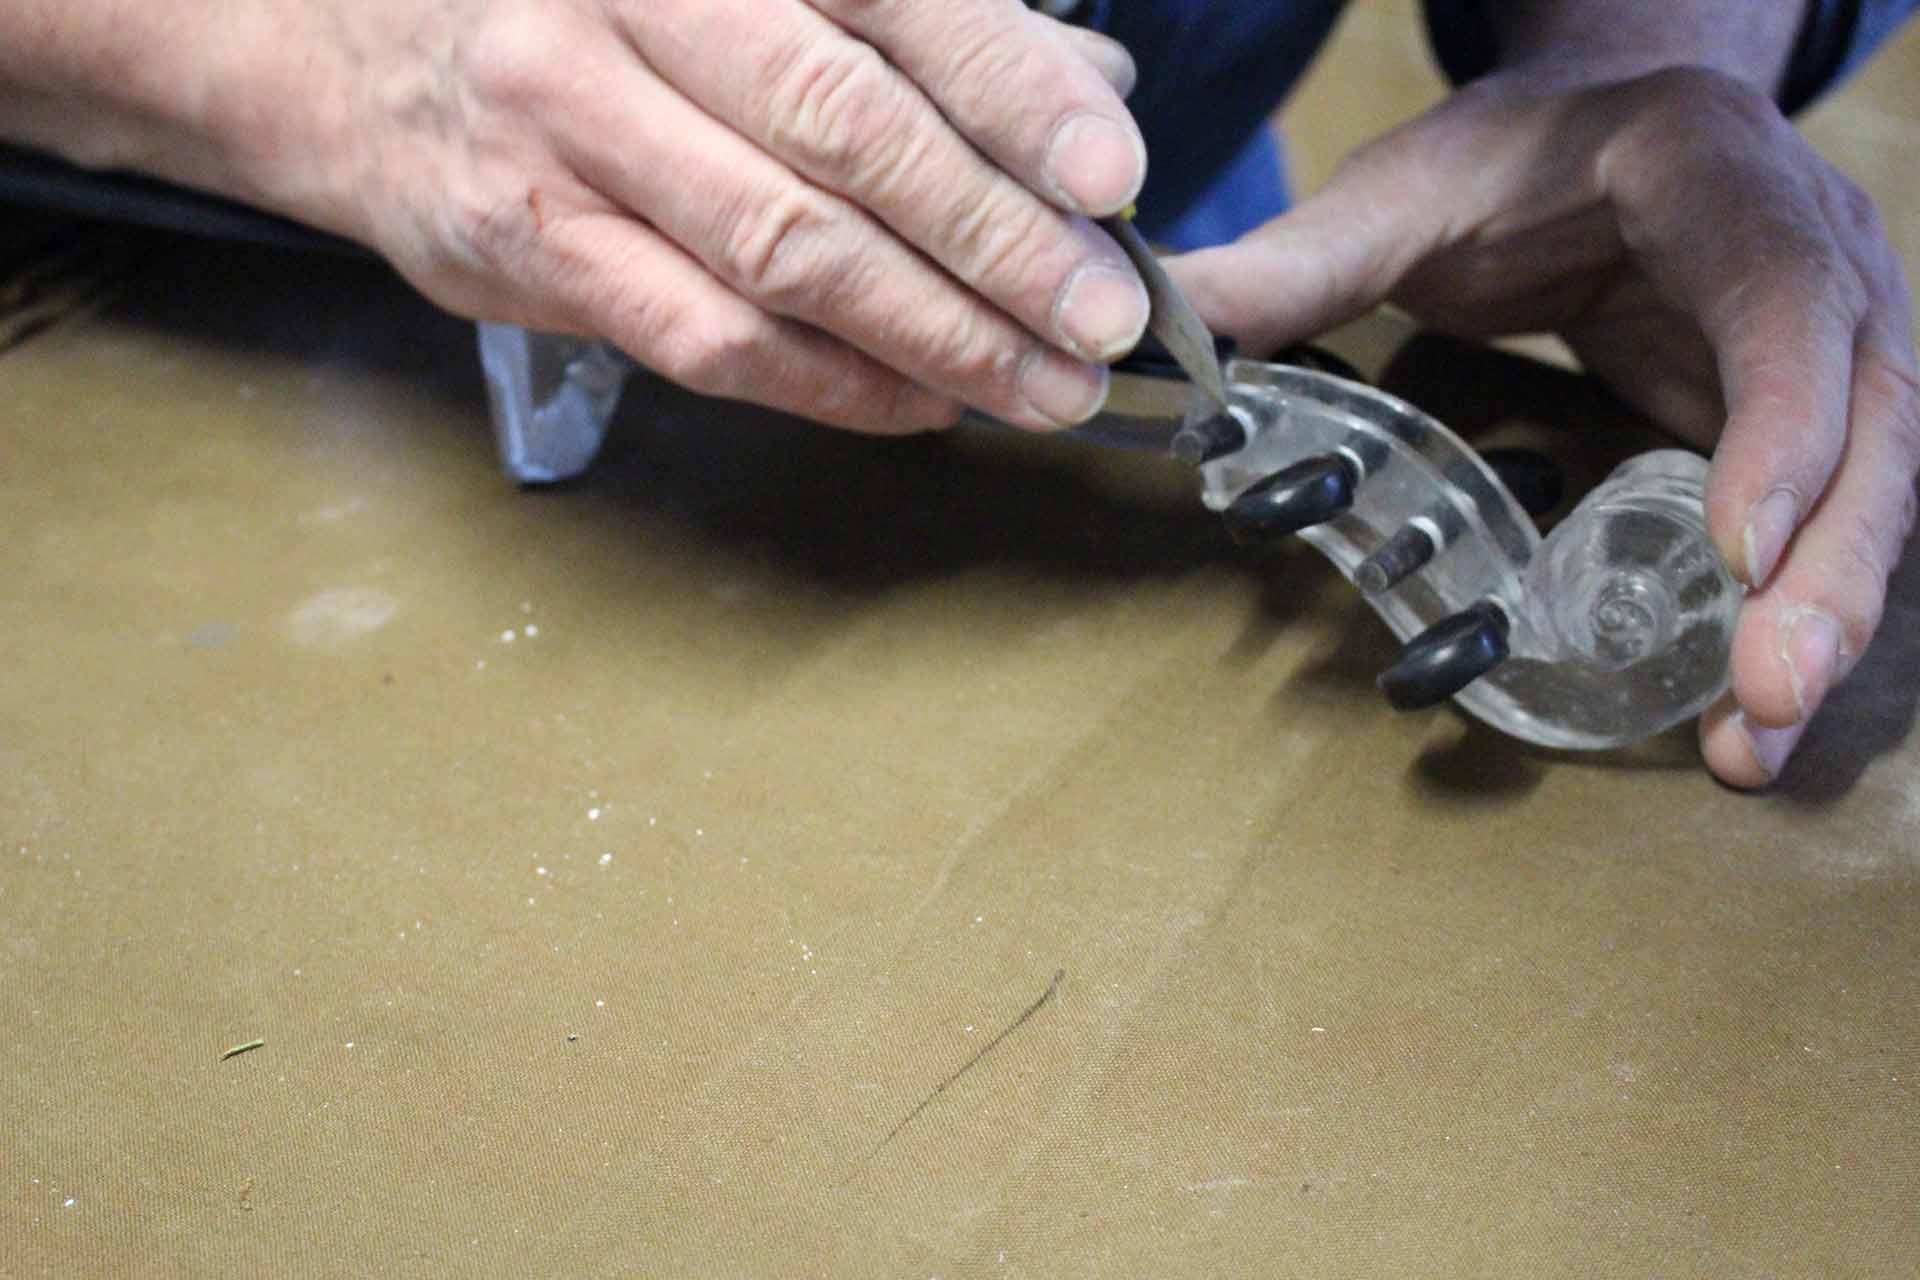 Fabrication de la sculpture en verre d'un violon Stradivarius par le Maitre Verrier Olivier Juteau